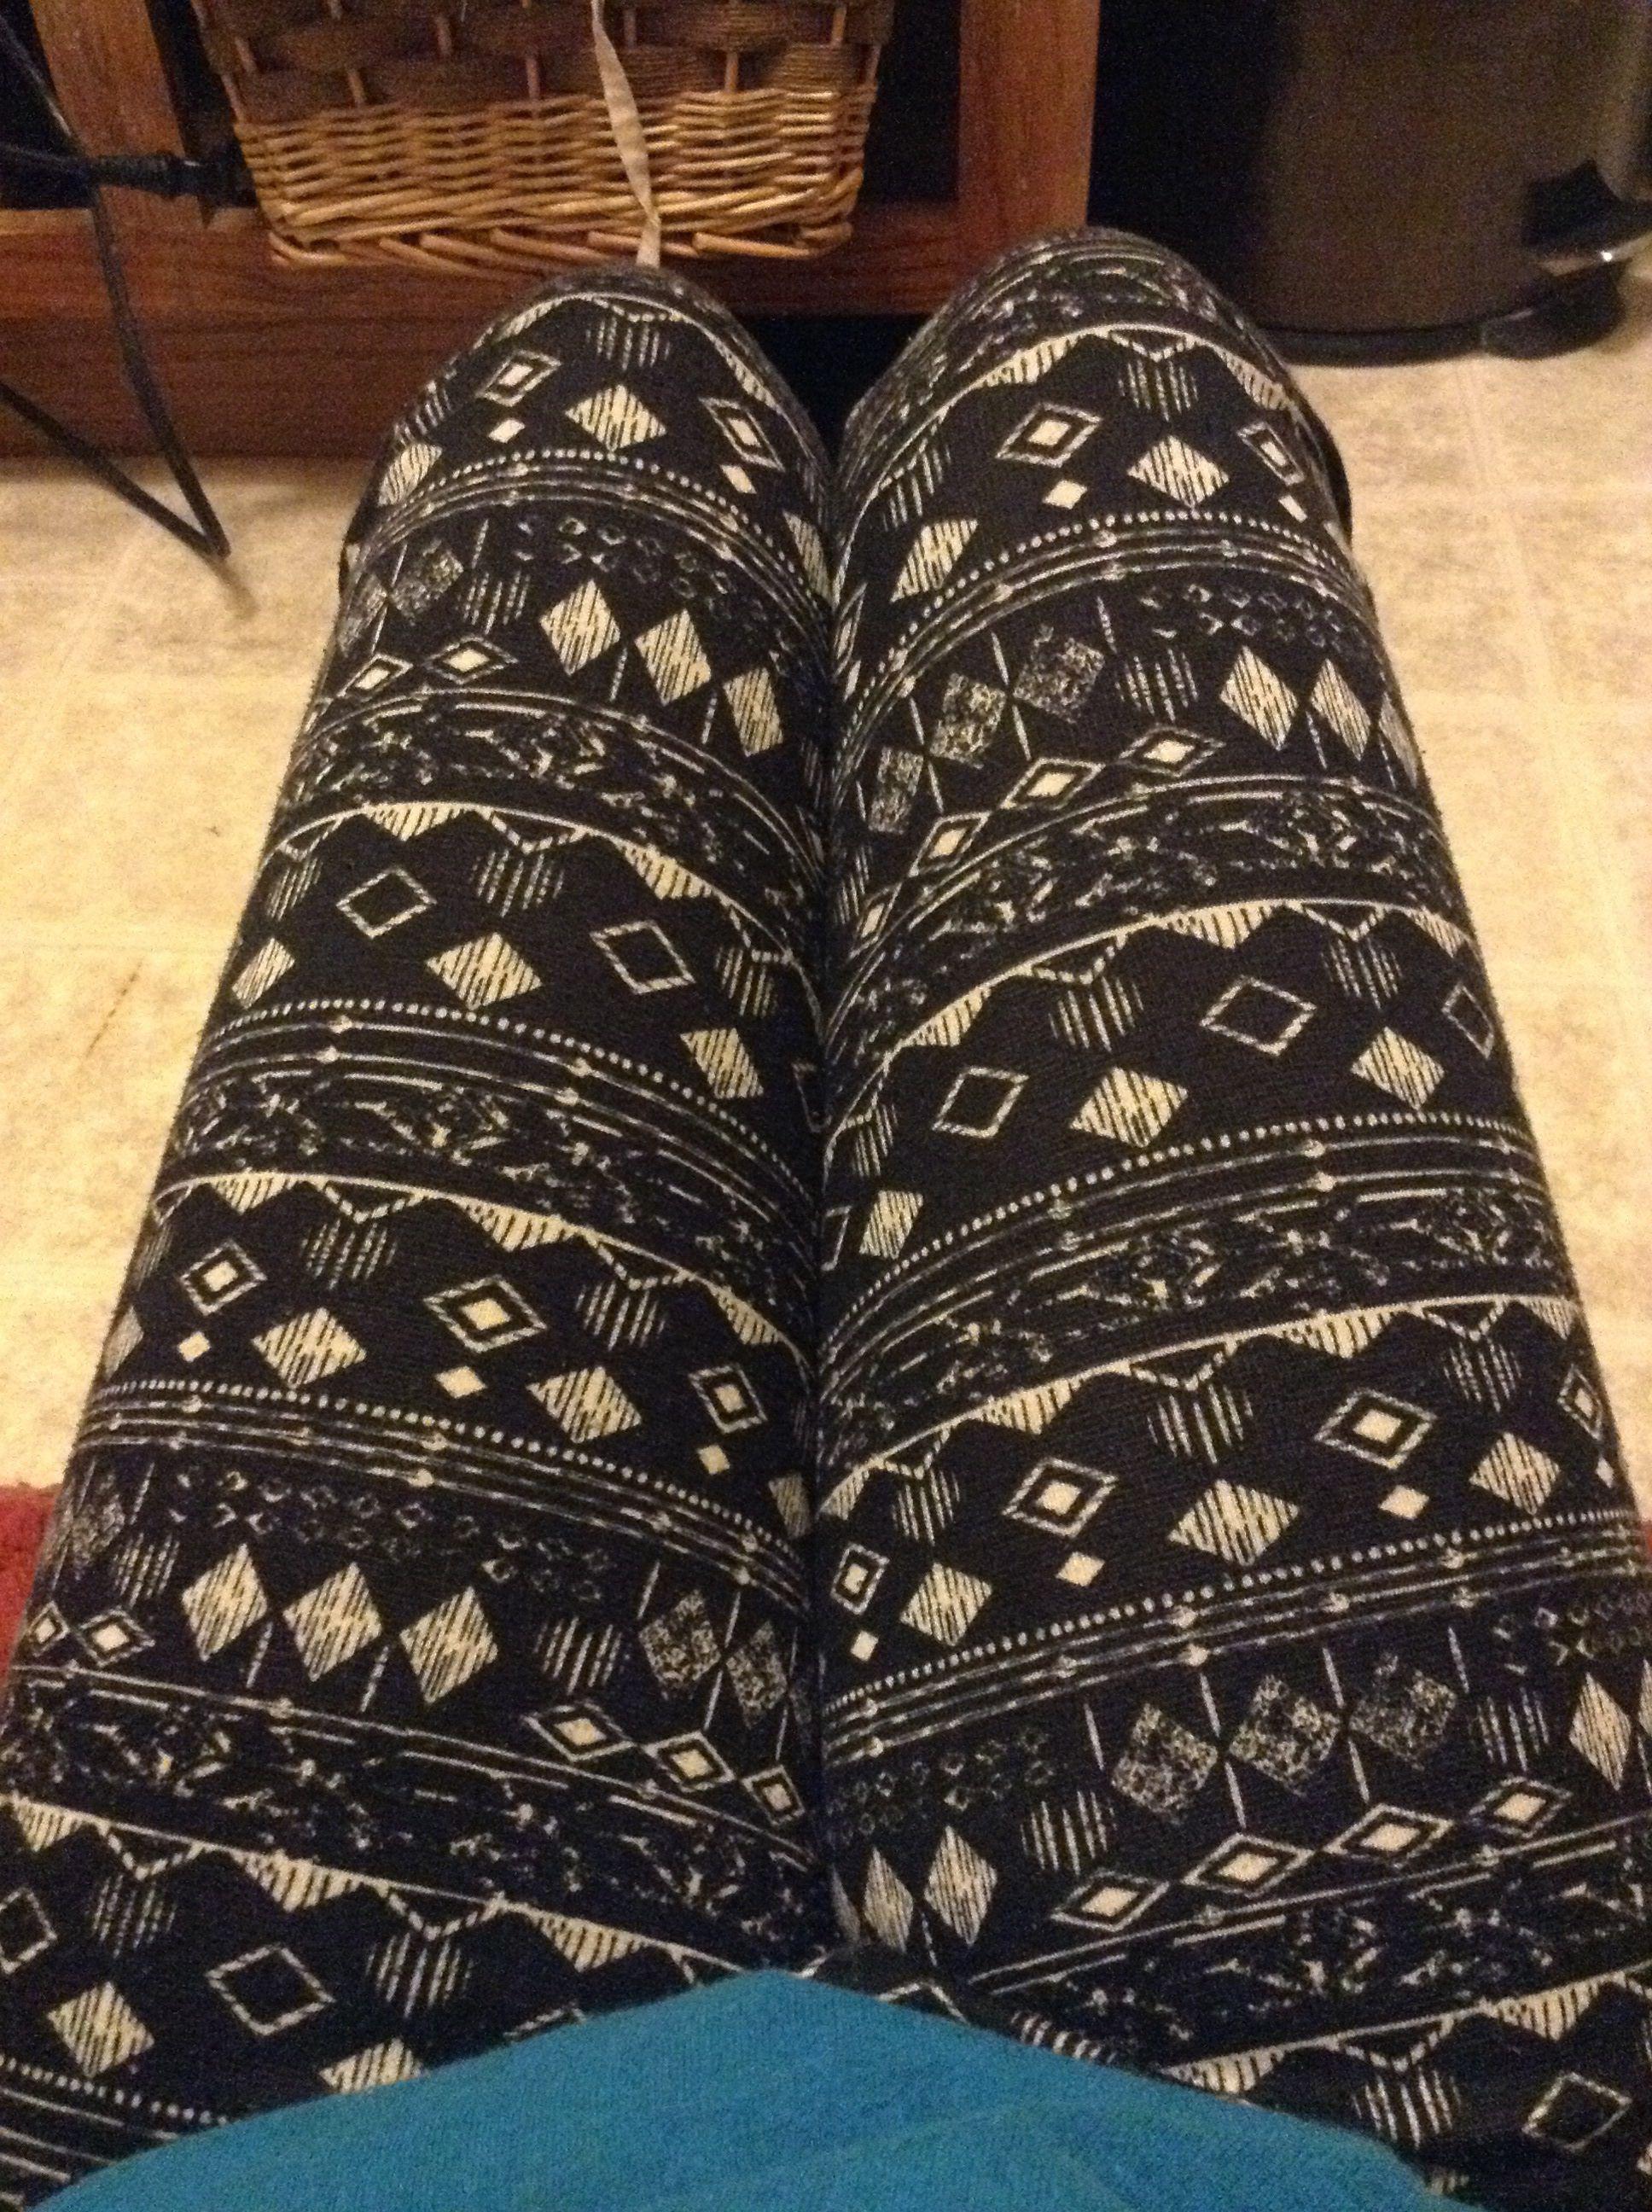 Patterned leggings <3~~~